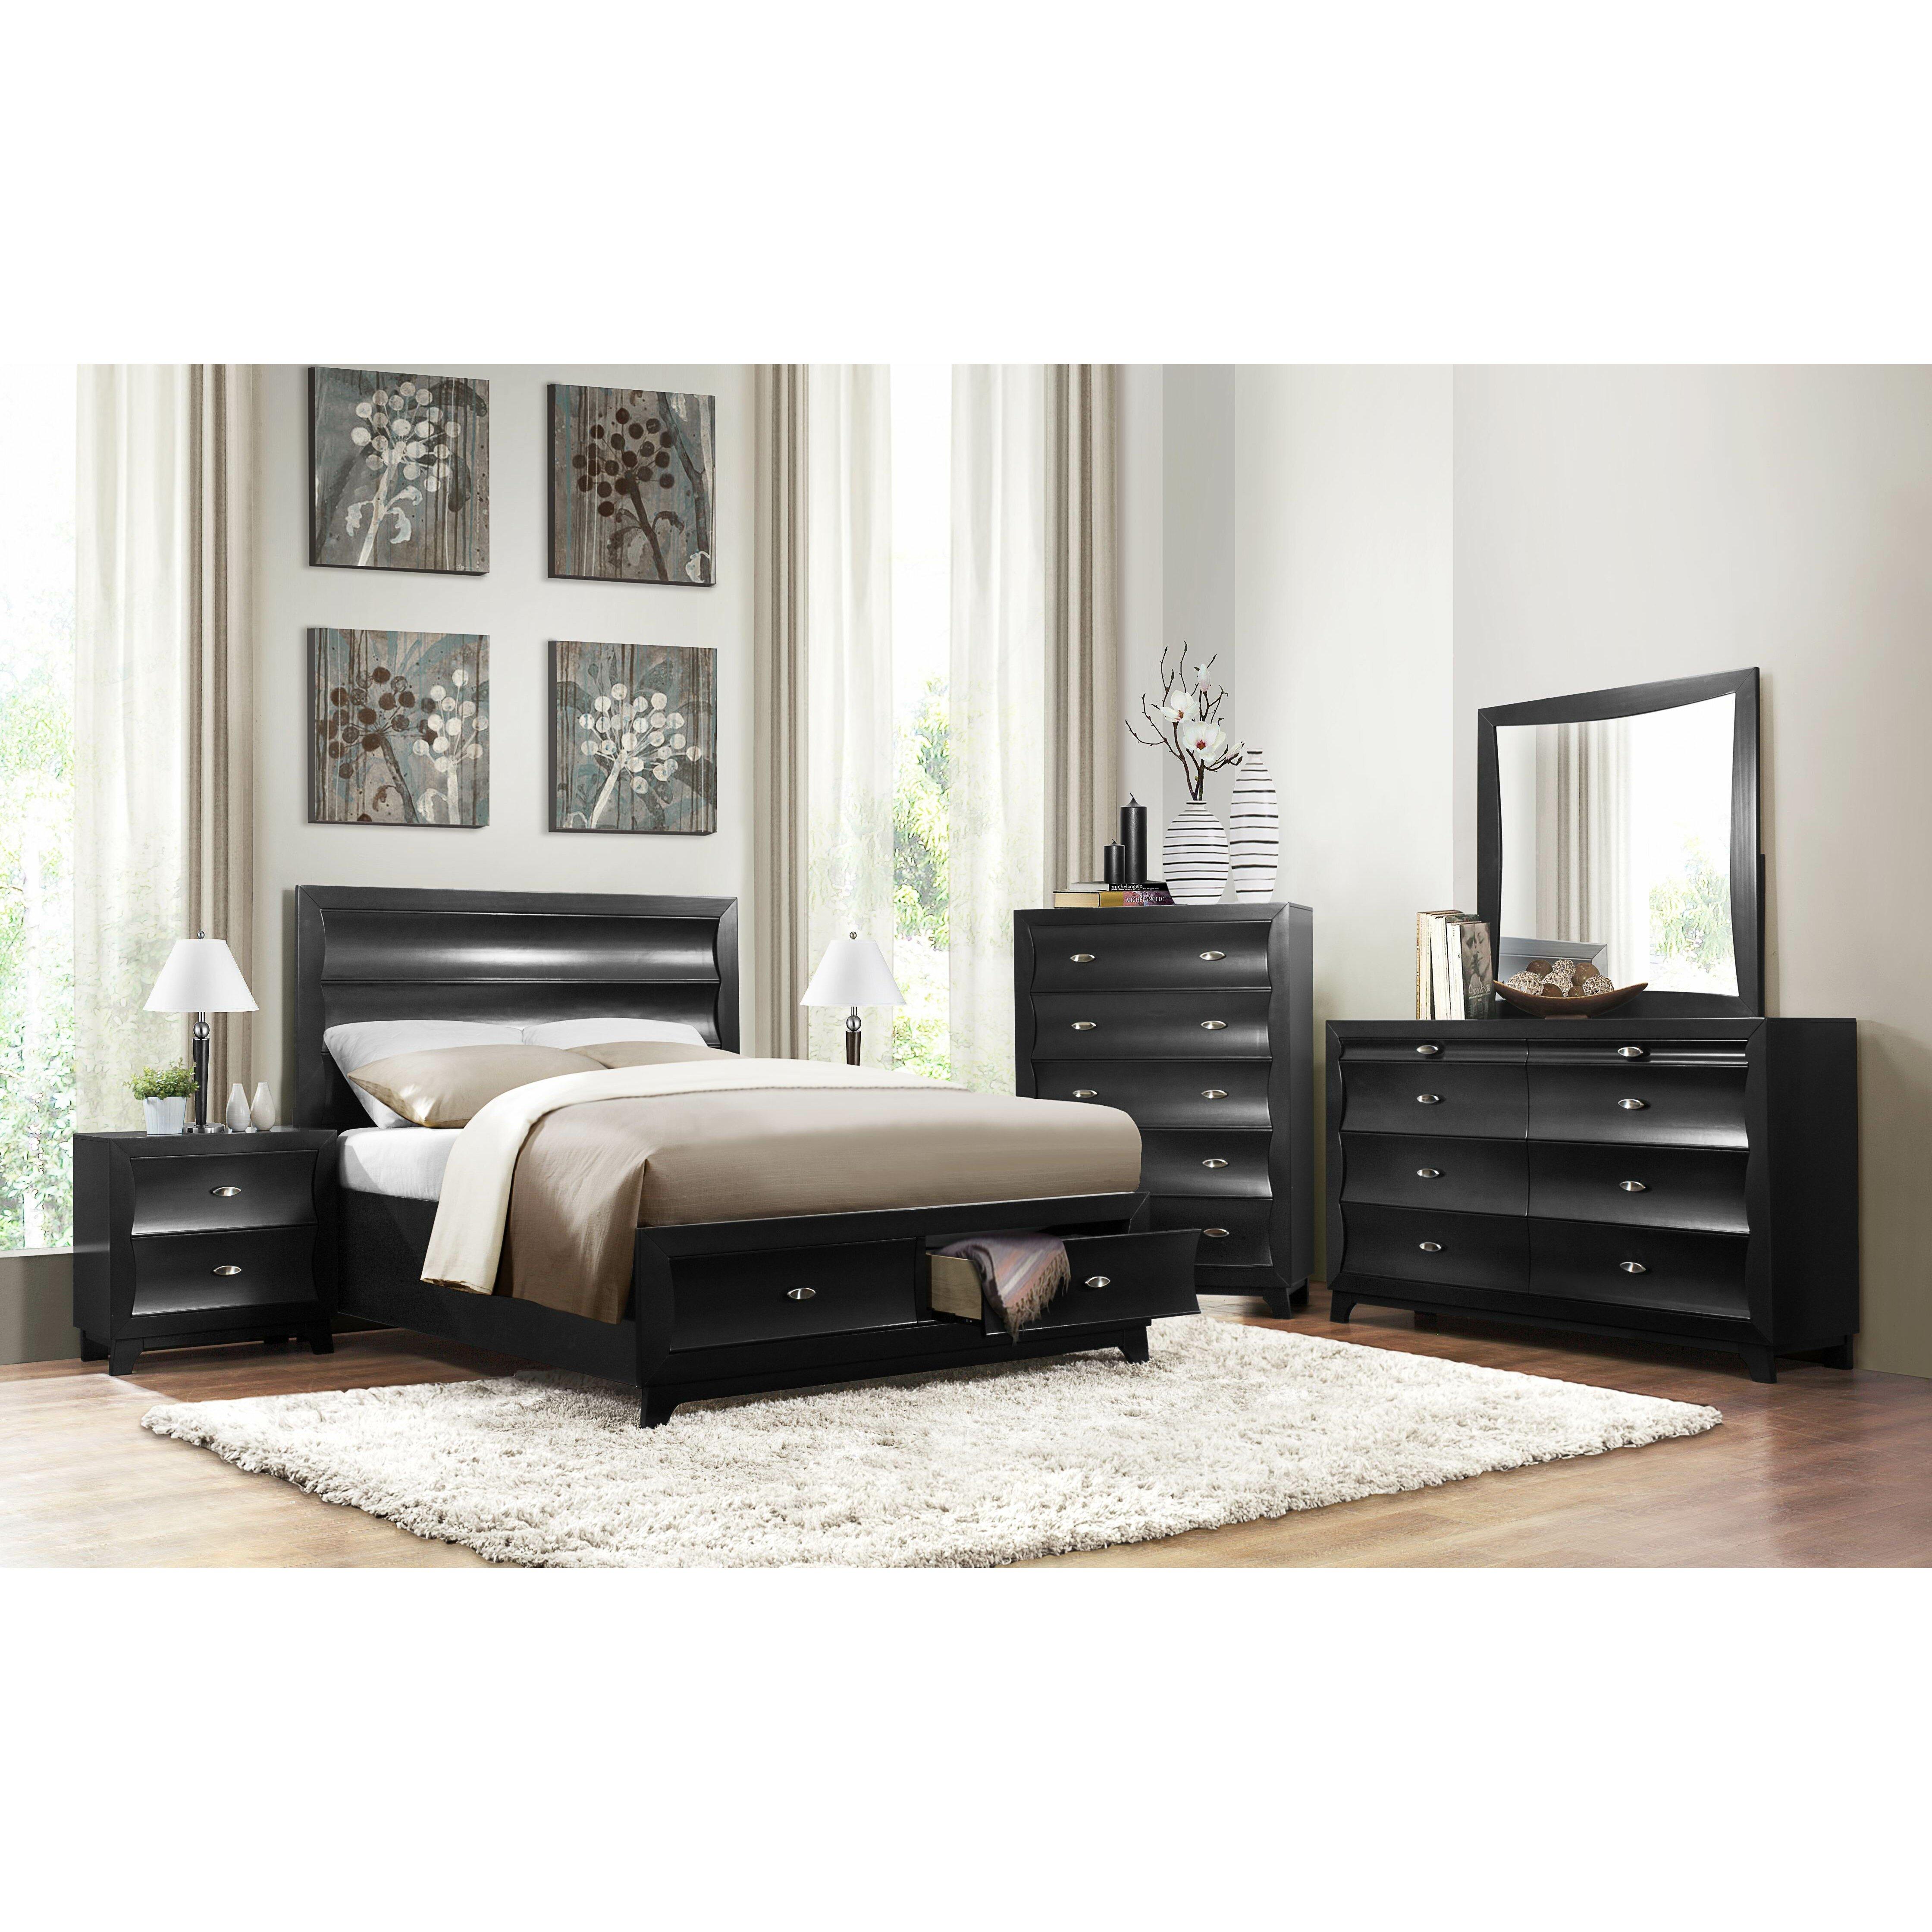 Platform Bedroom Sets Queen vig furniture modrest platform bedroom